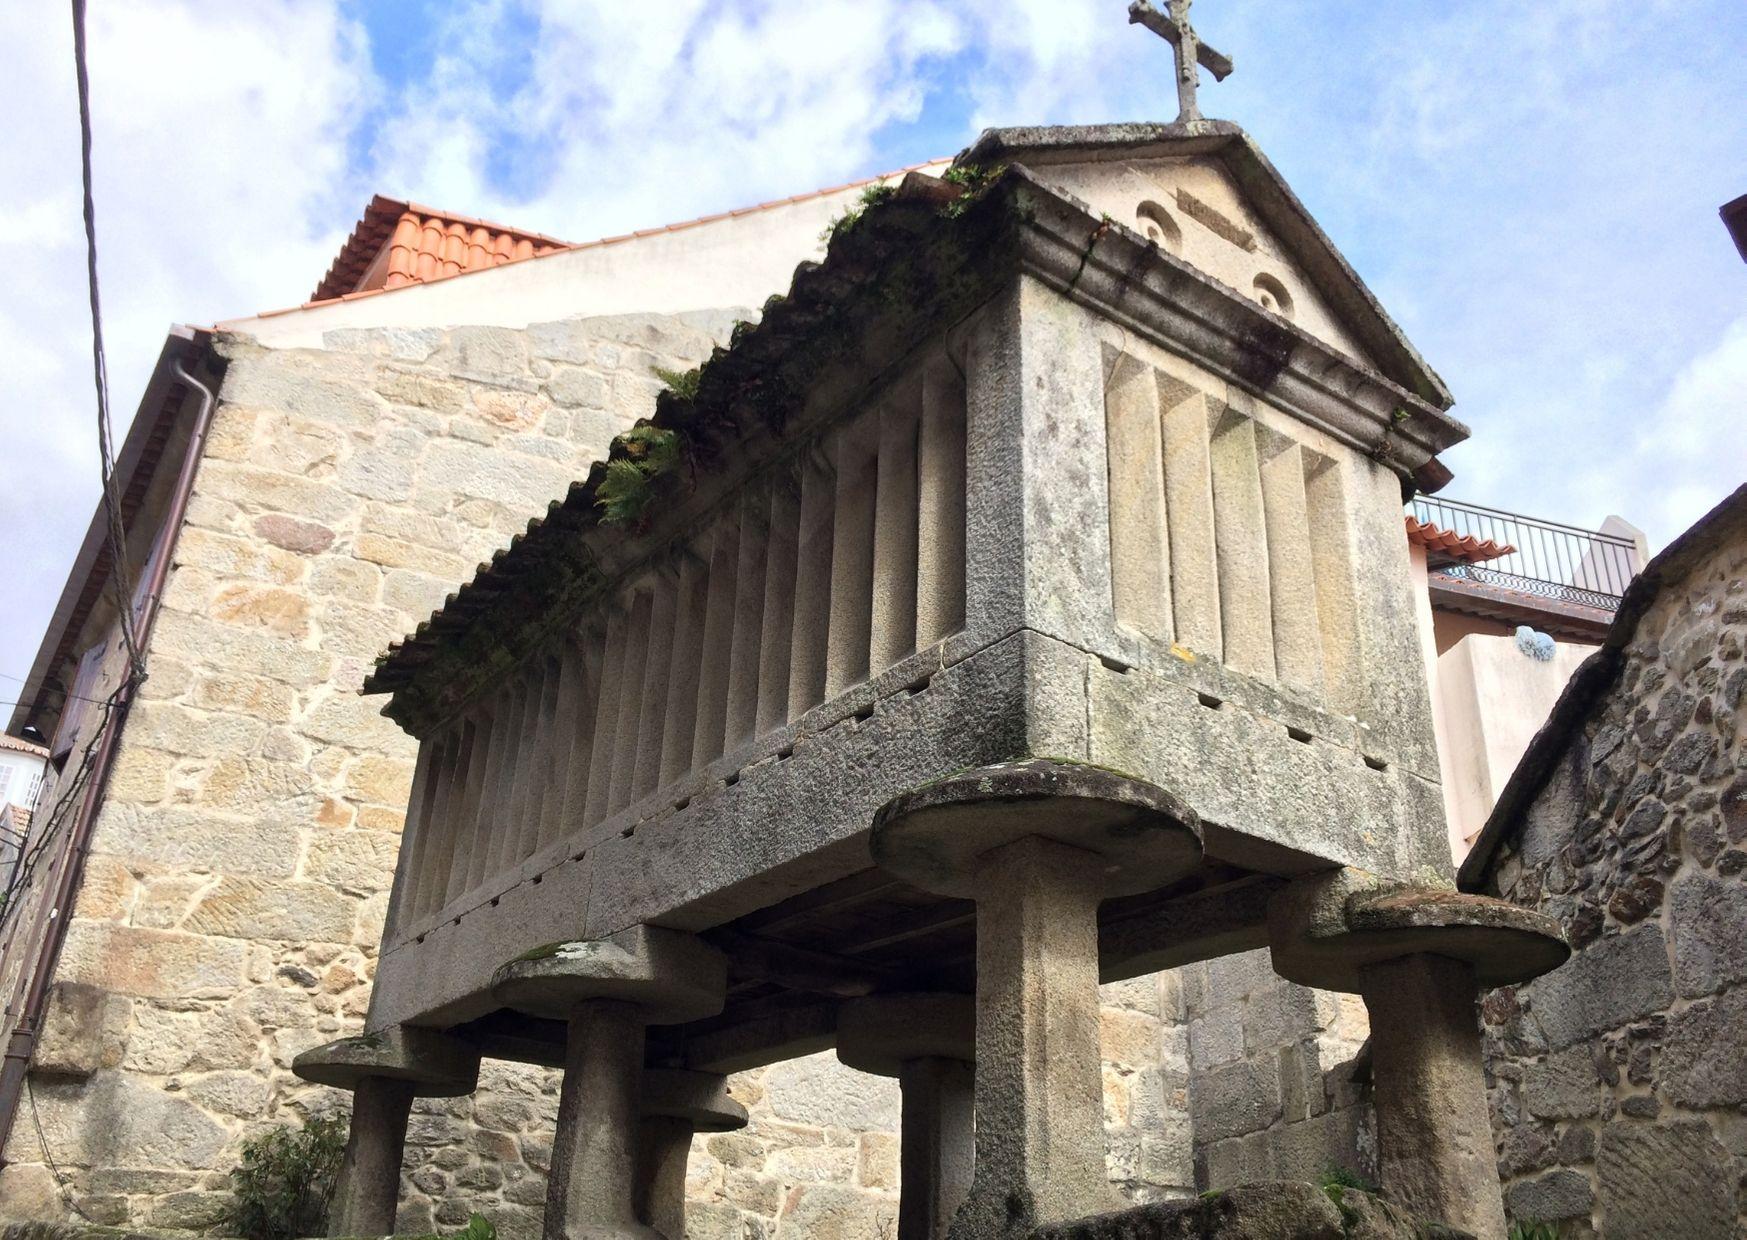 Combarro, on the Variante Espiritual